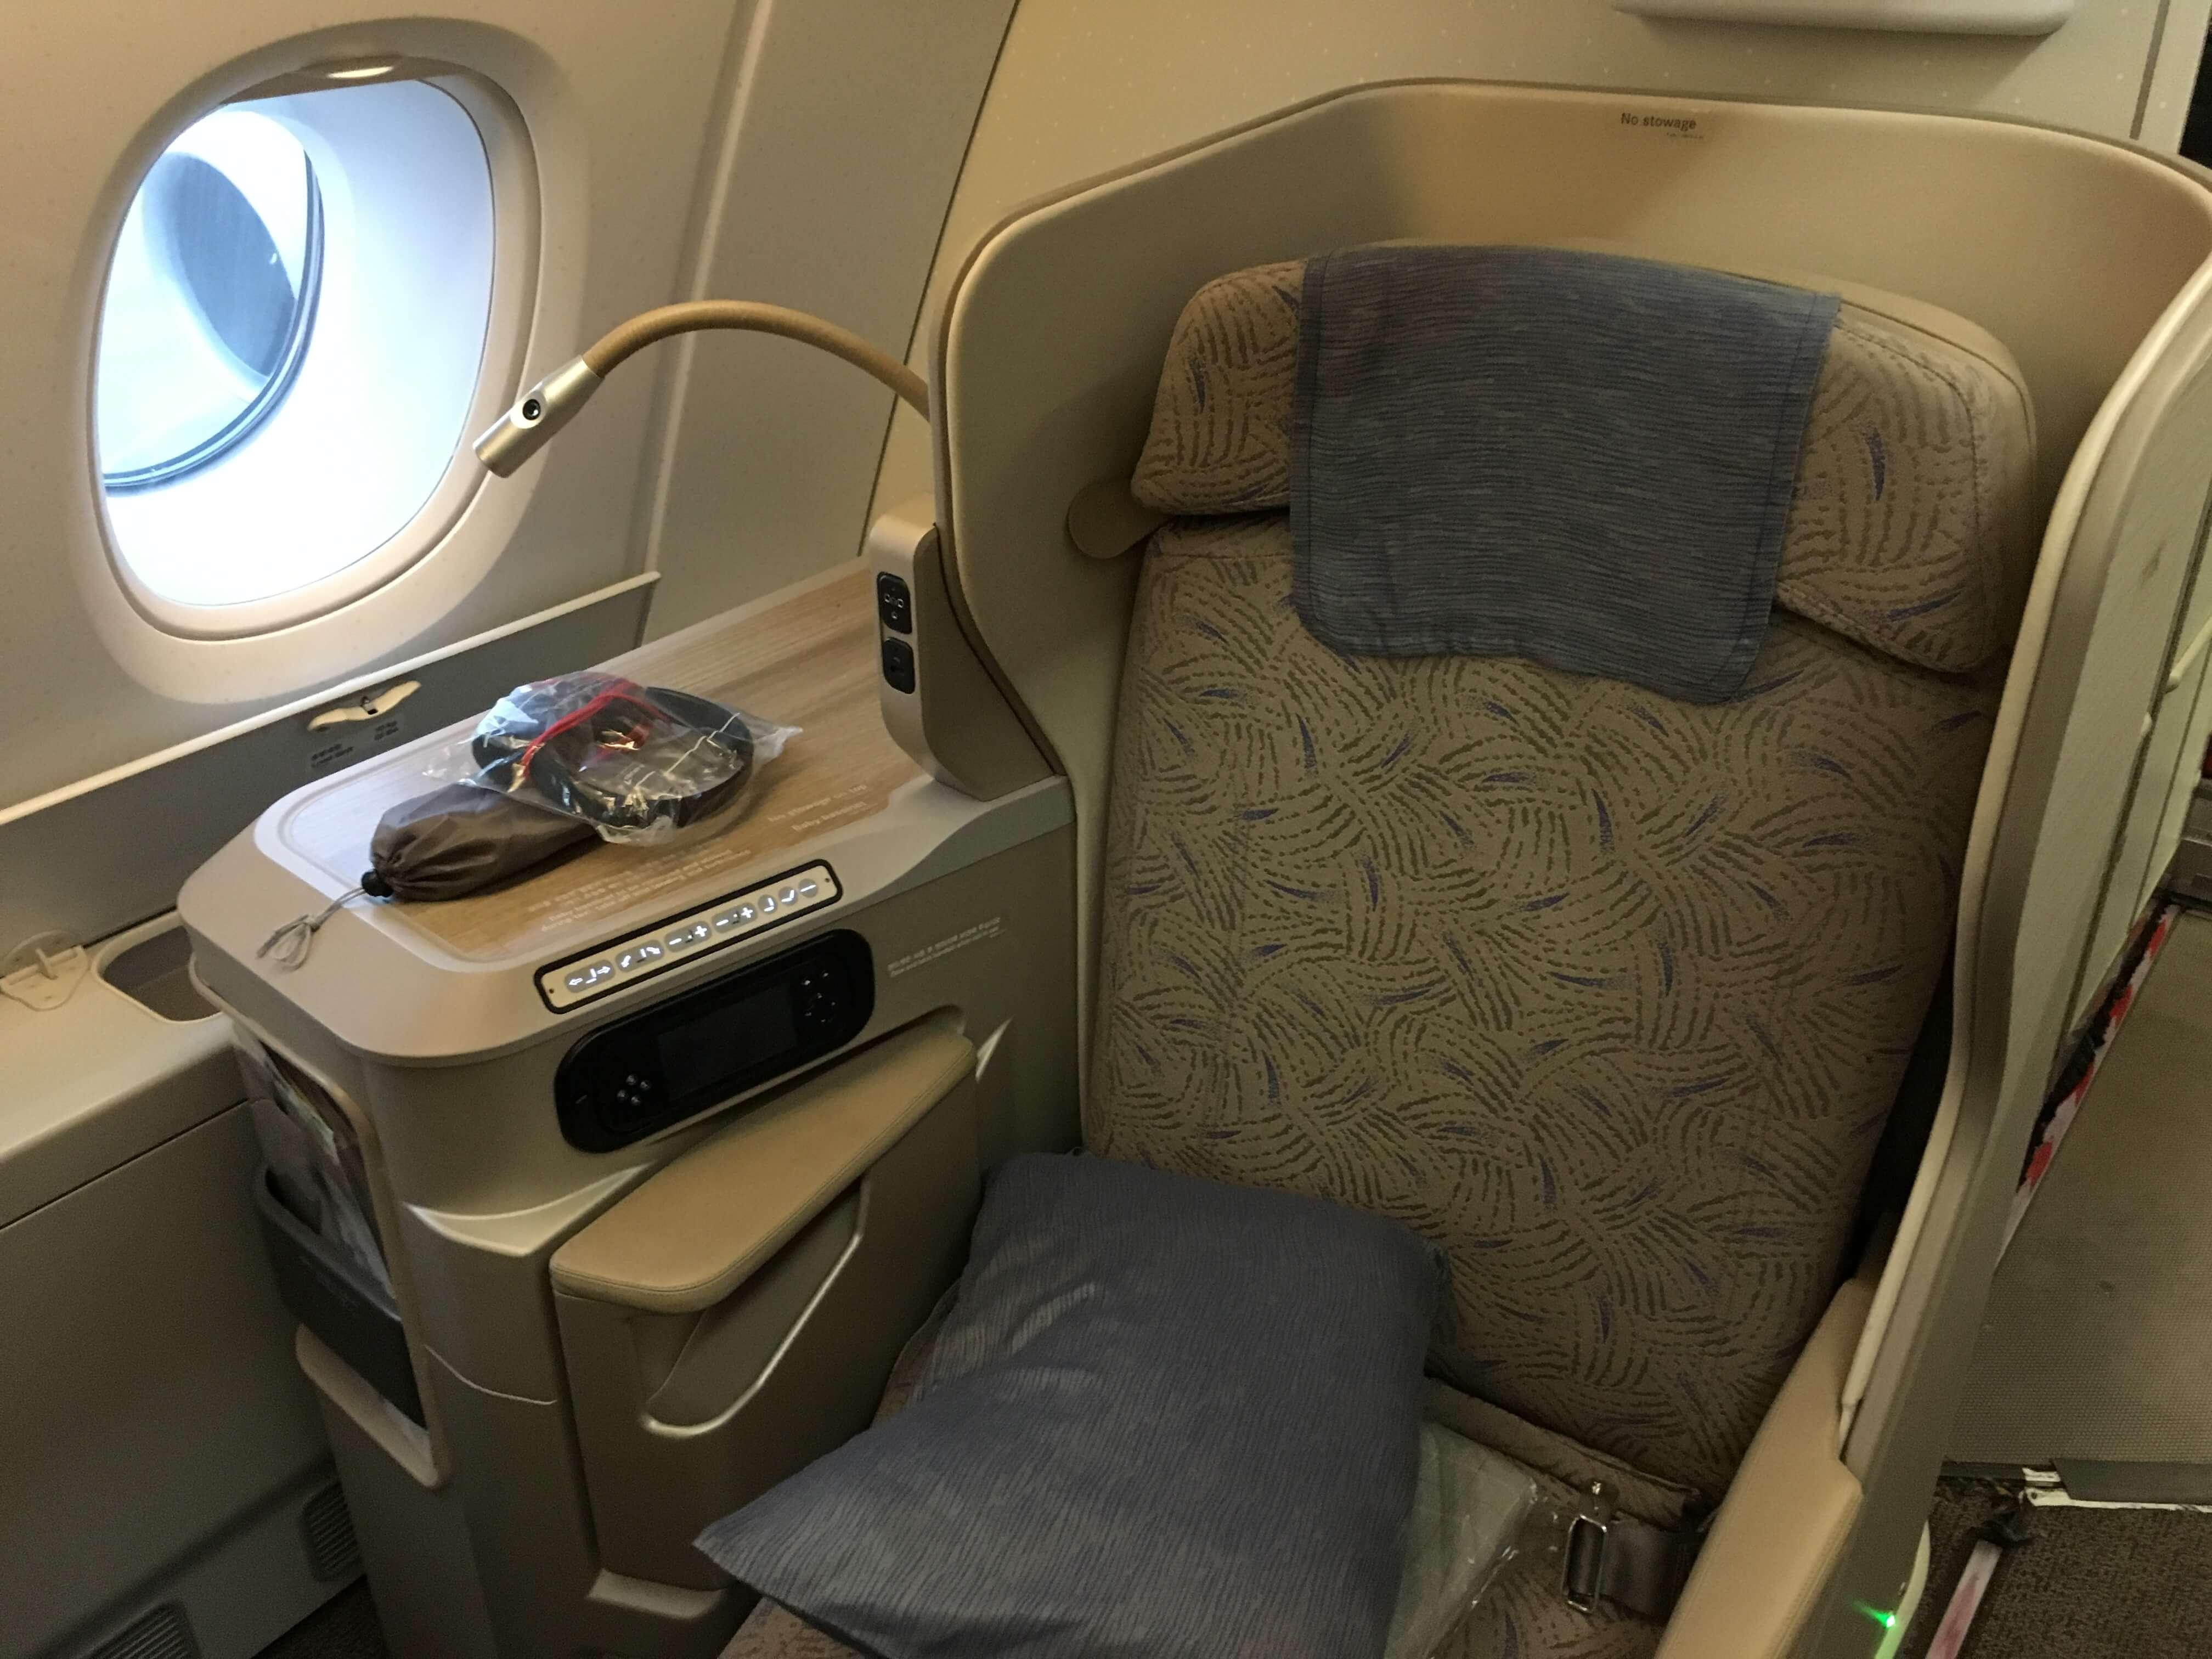 ブリティッシュ・エアウェイズ(BA)の提携航空会社特典航空券予約が改悪へ